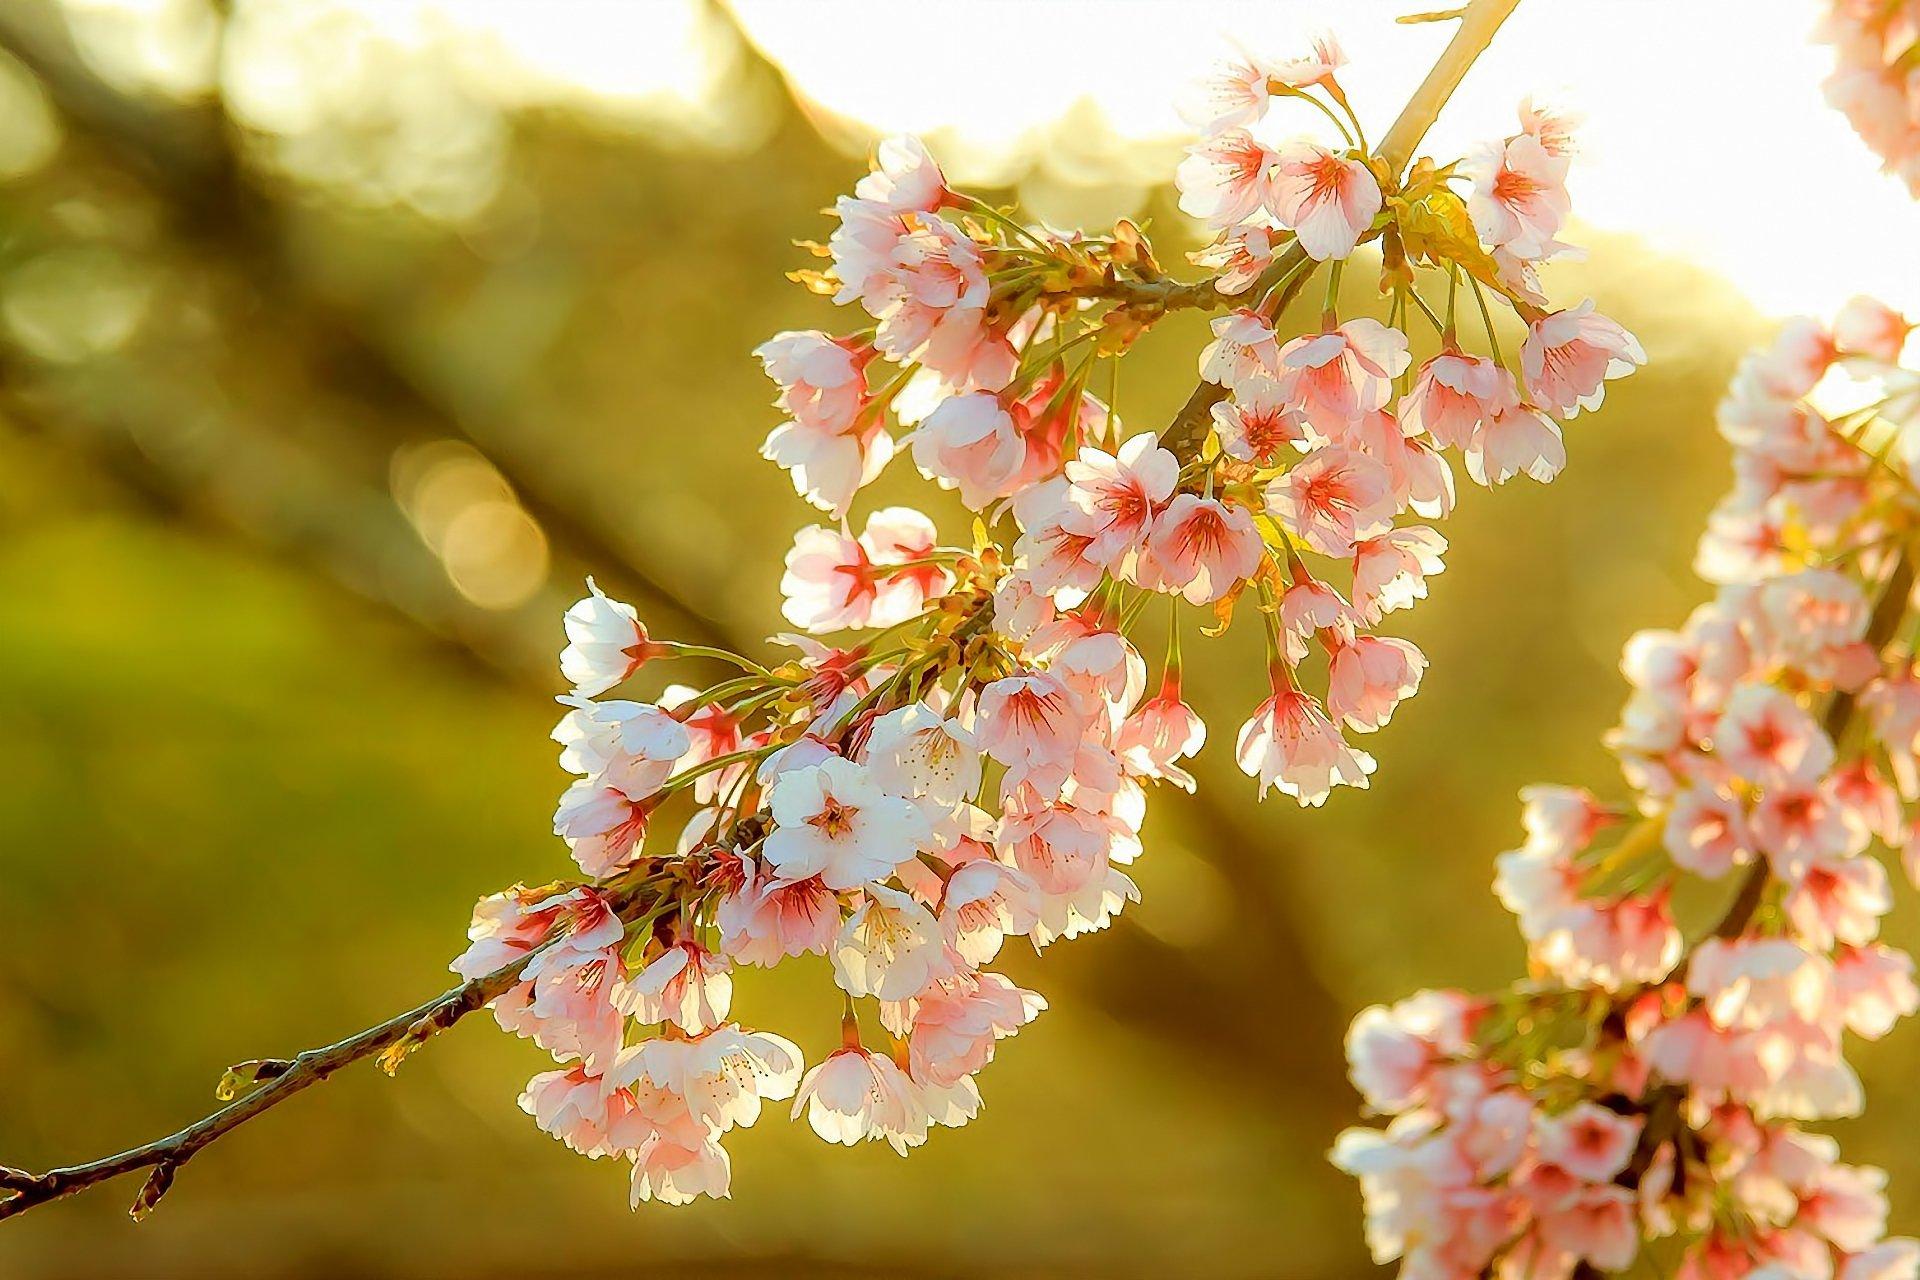 Весна солнце цветы картинки